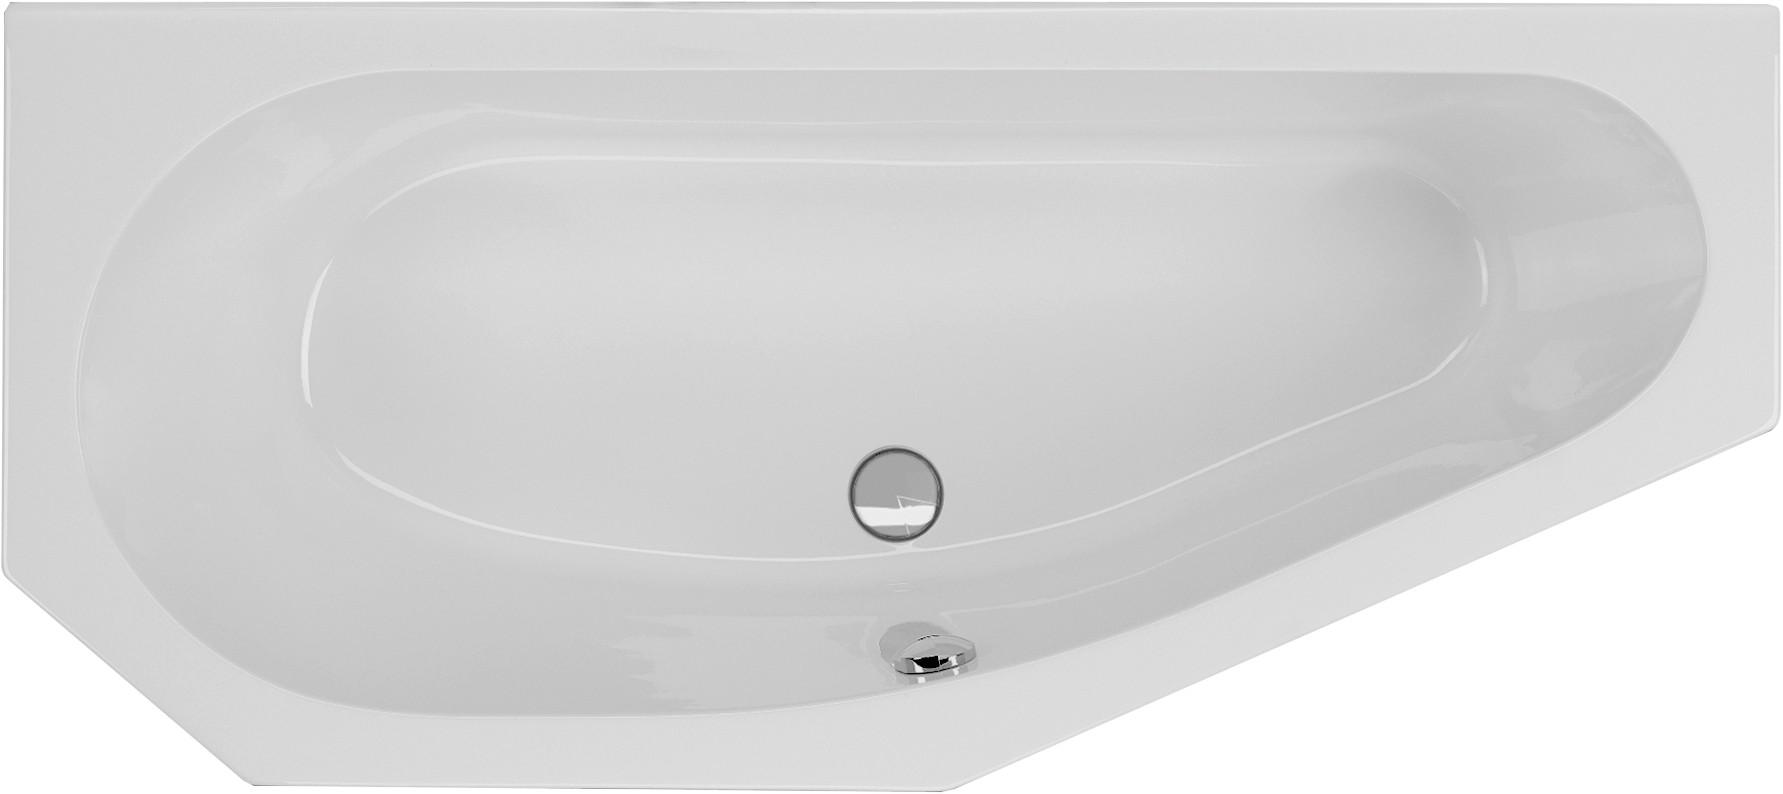 Badewanne asymmetrisch 170 x 75 x 43 cm